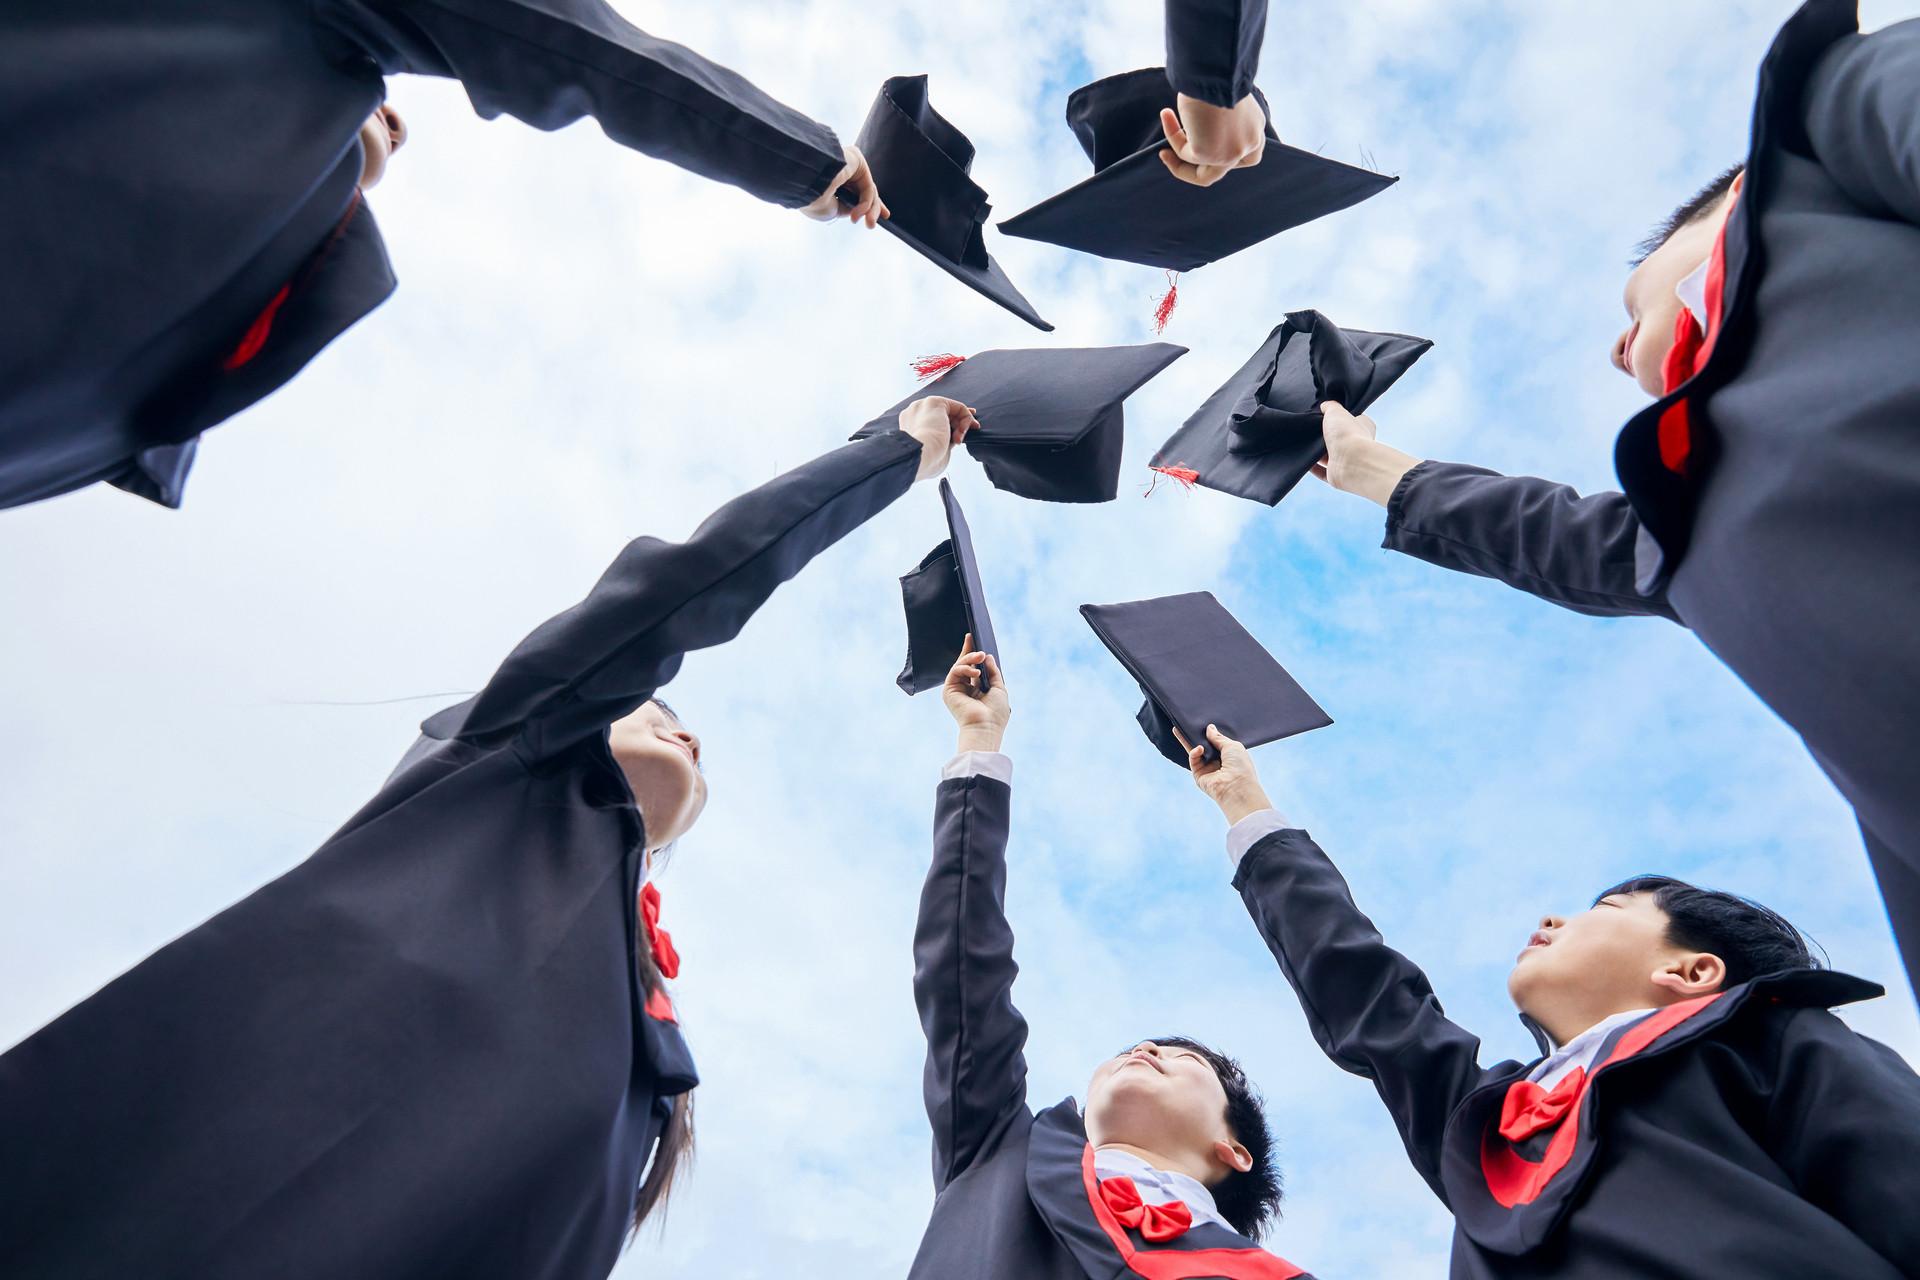 北京理工大学2+2出国留学文凭能够被认可吗?